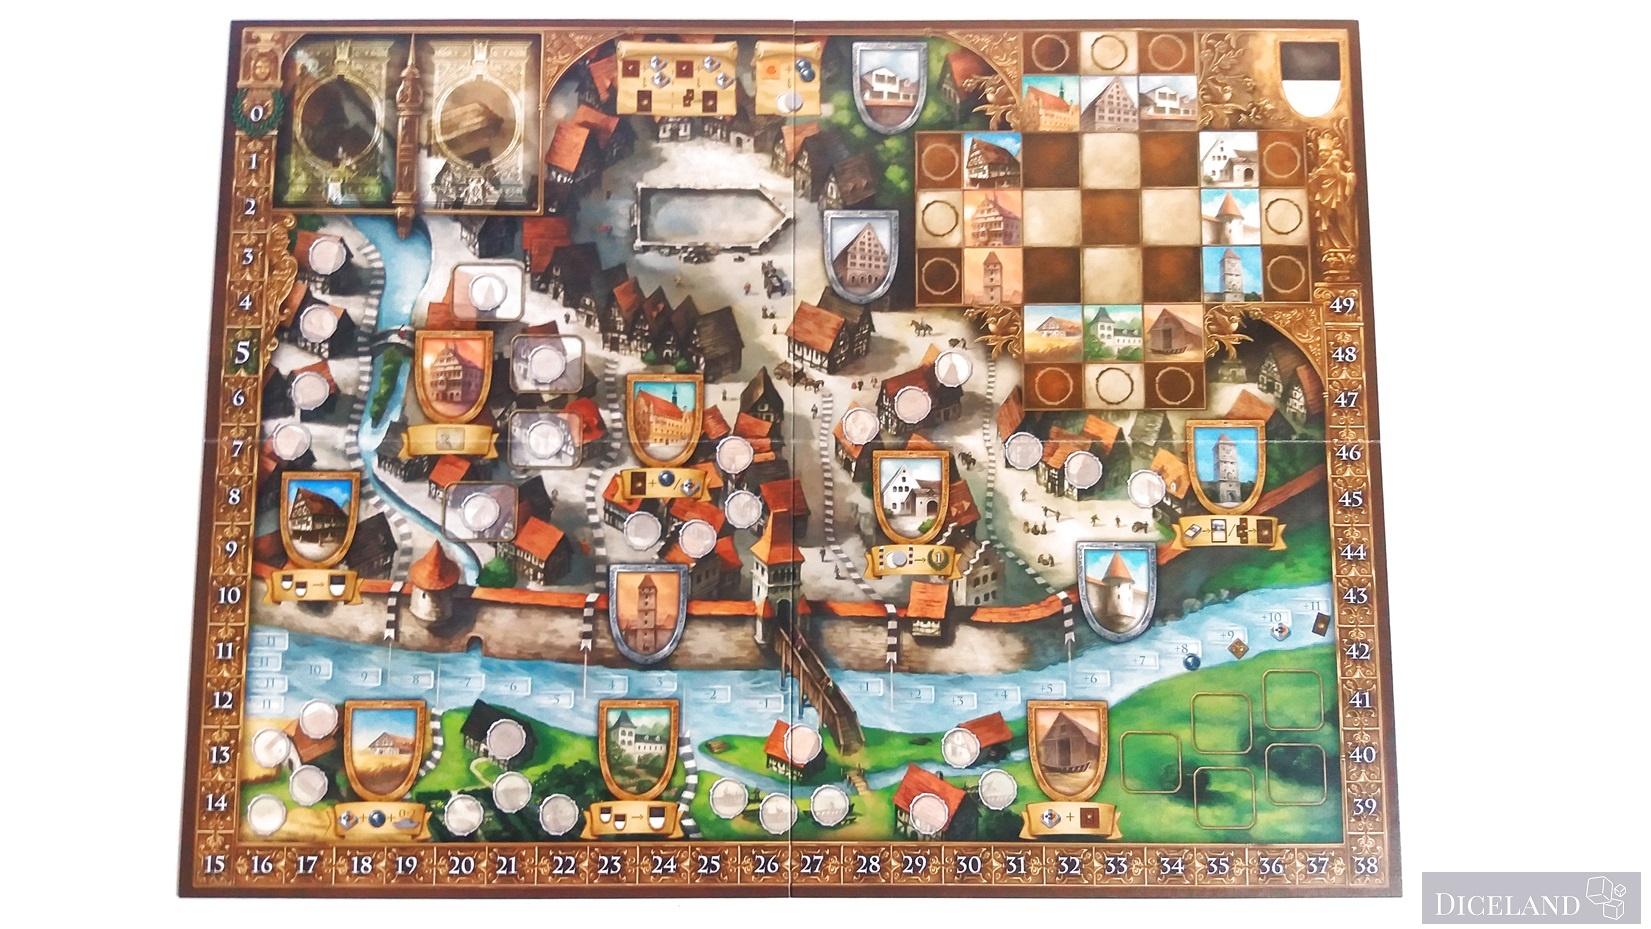 Ulm 9 Recenzja #12 Ulm: Tempora in Priscum Aurum